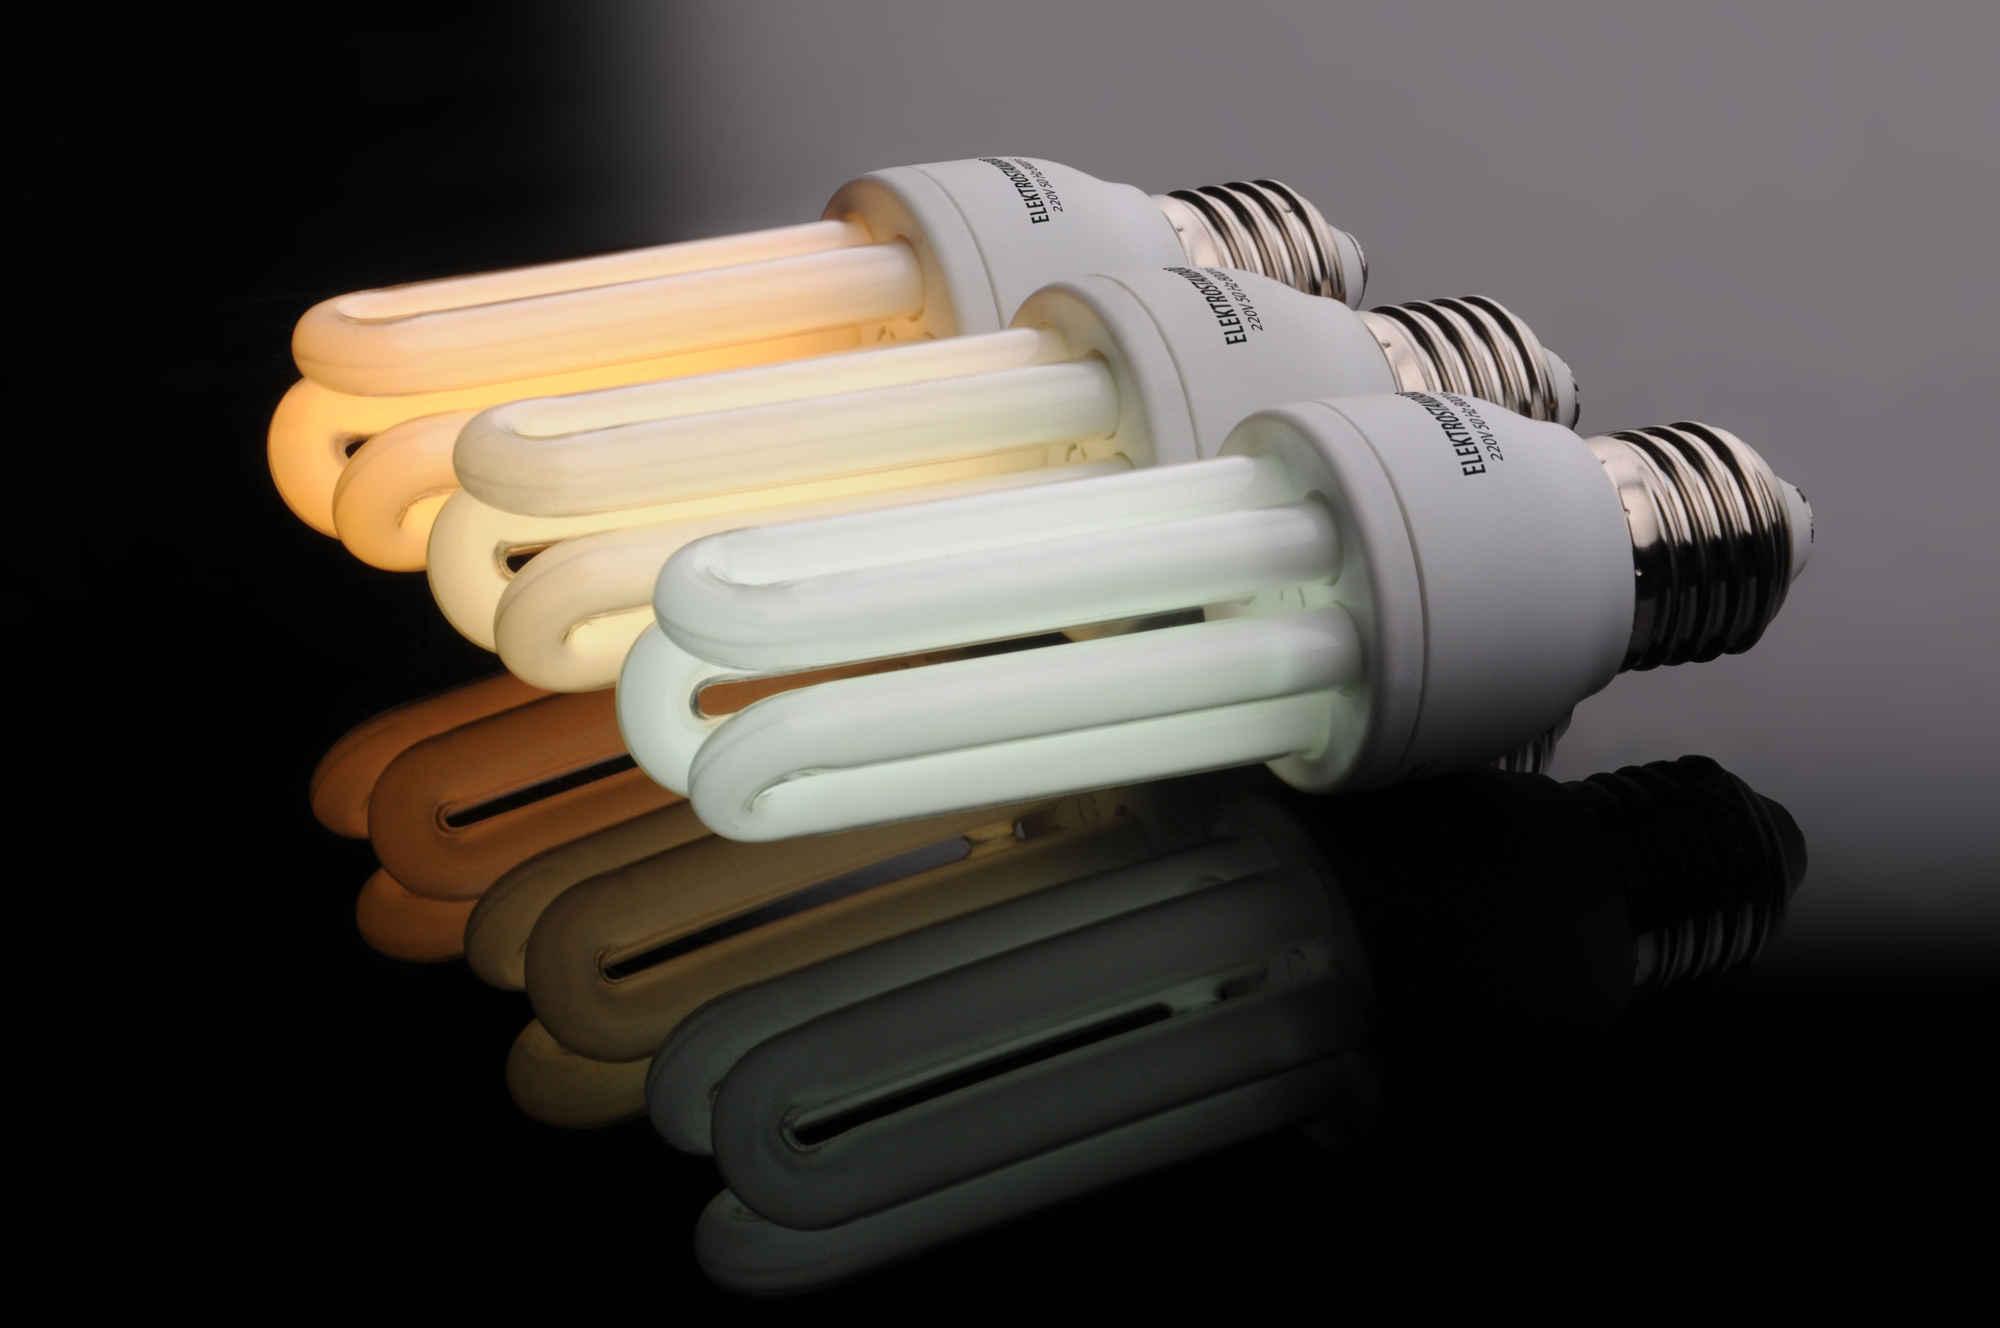 Reducir el consumo eléctrico